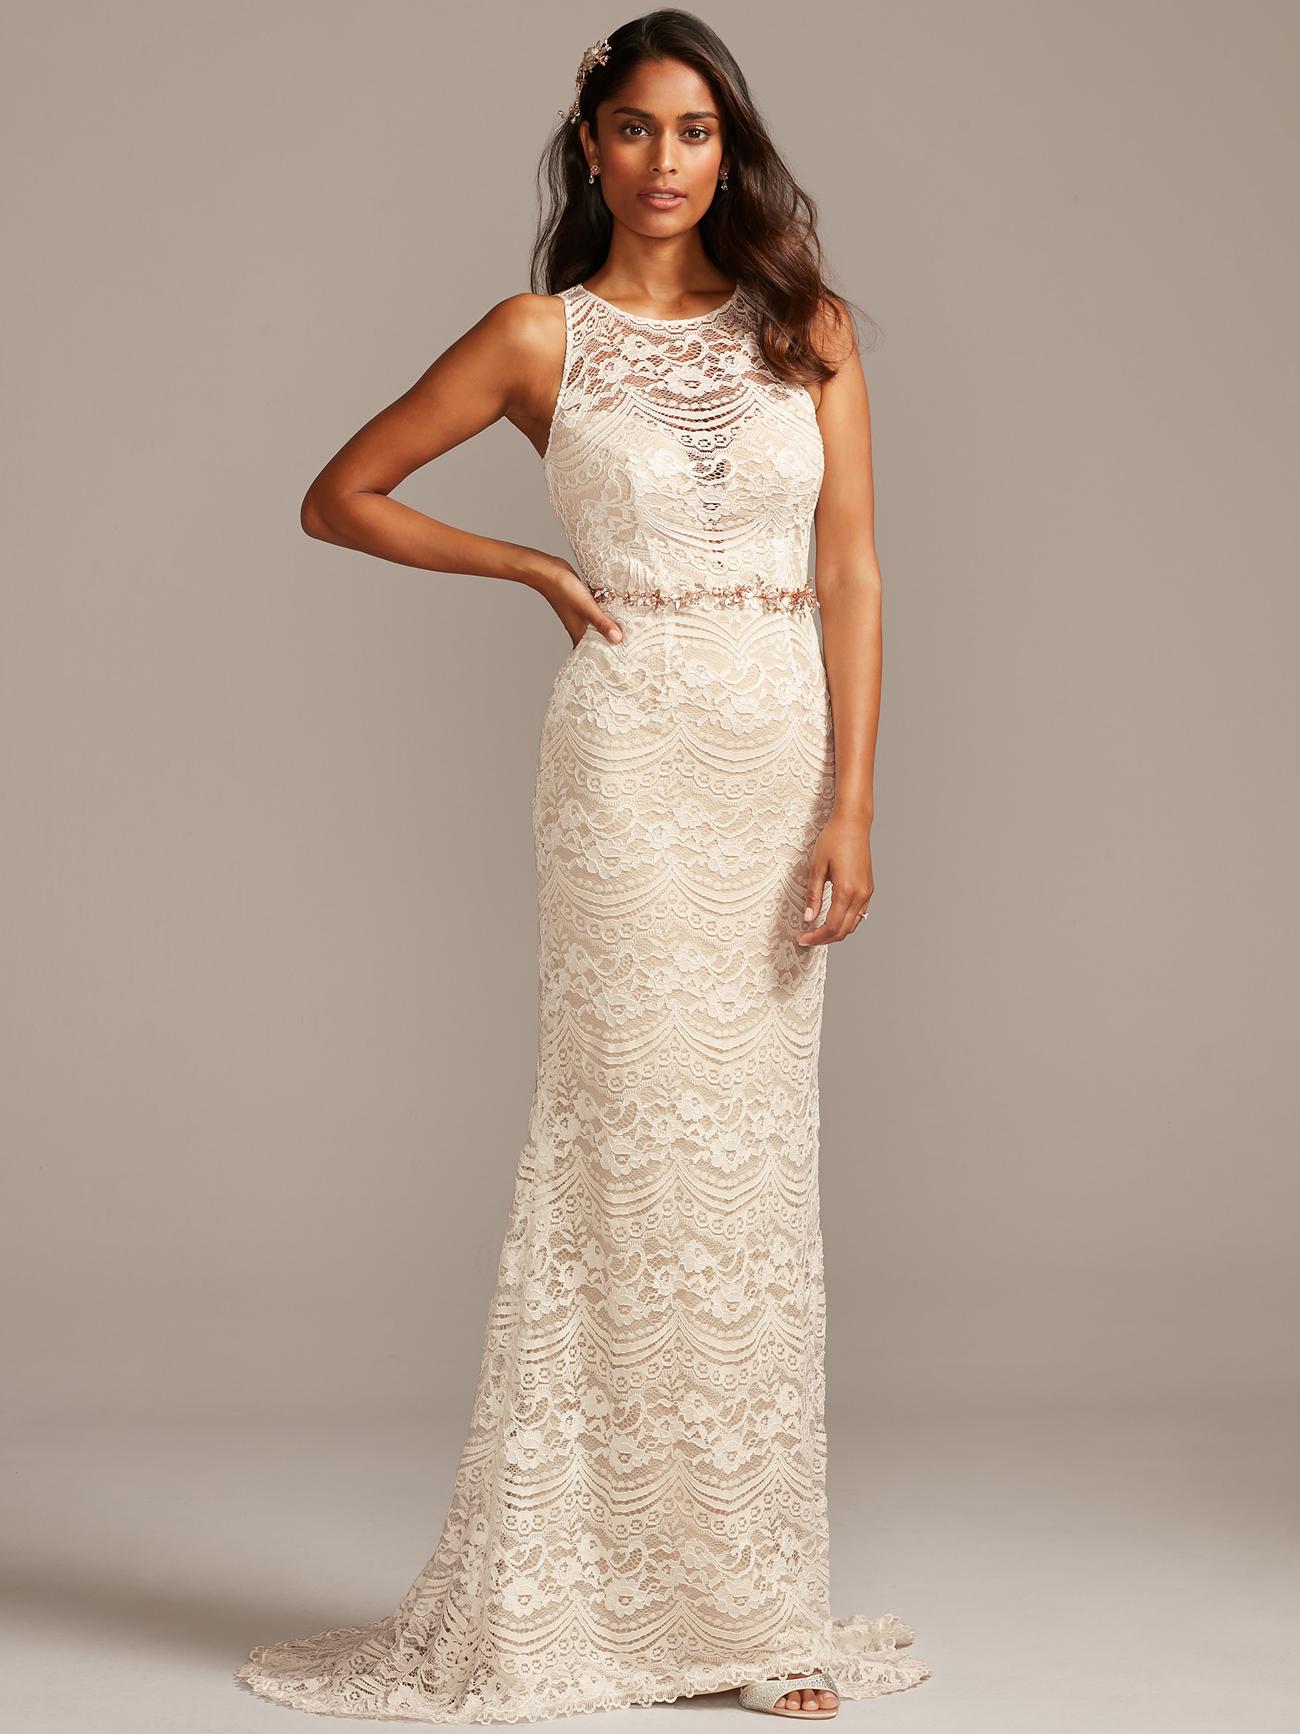 davids bridal melissa sweet lace, sleeveless wedding dress fall 2020